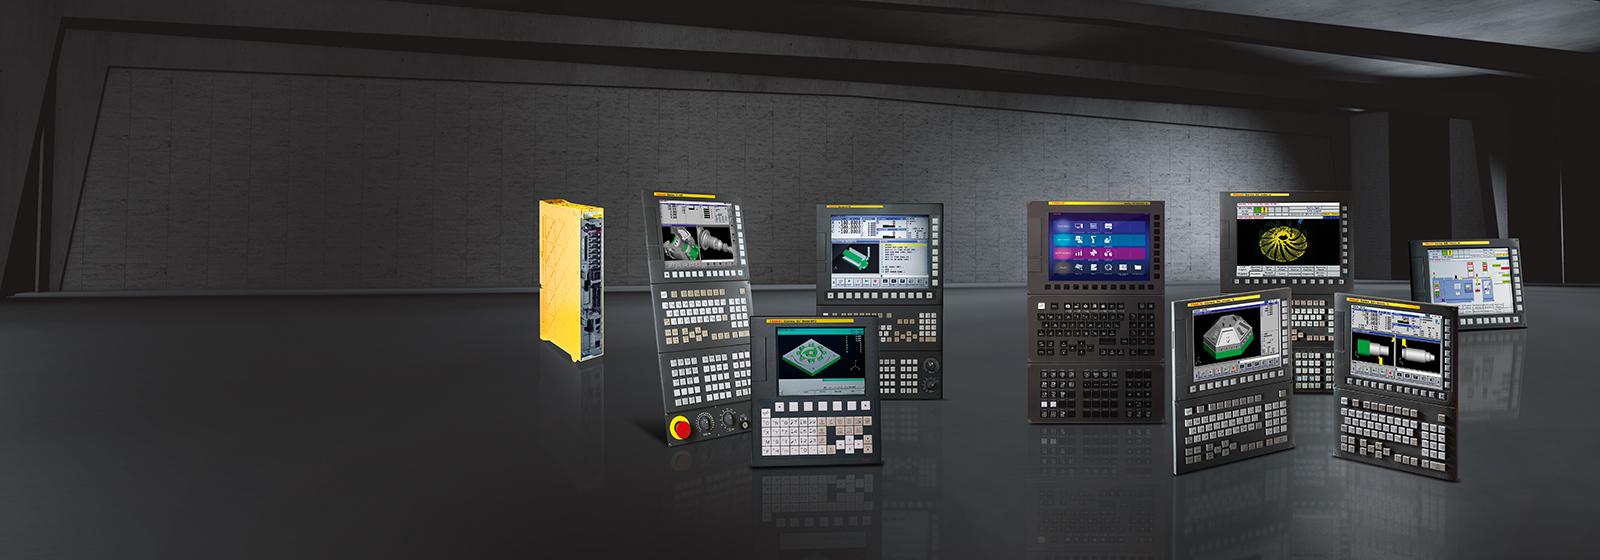 fanuc t6 control manual browse manual guides u2022 rh repairmanualtech today Fanuc CNC Tutorial FANUC America Manuals